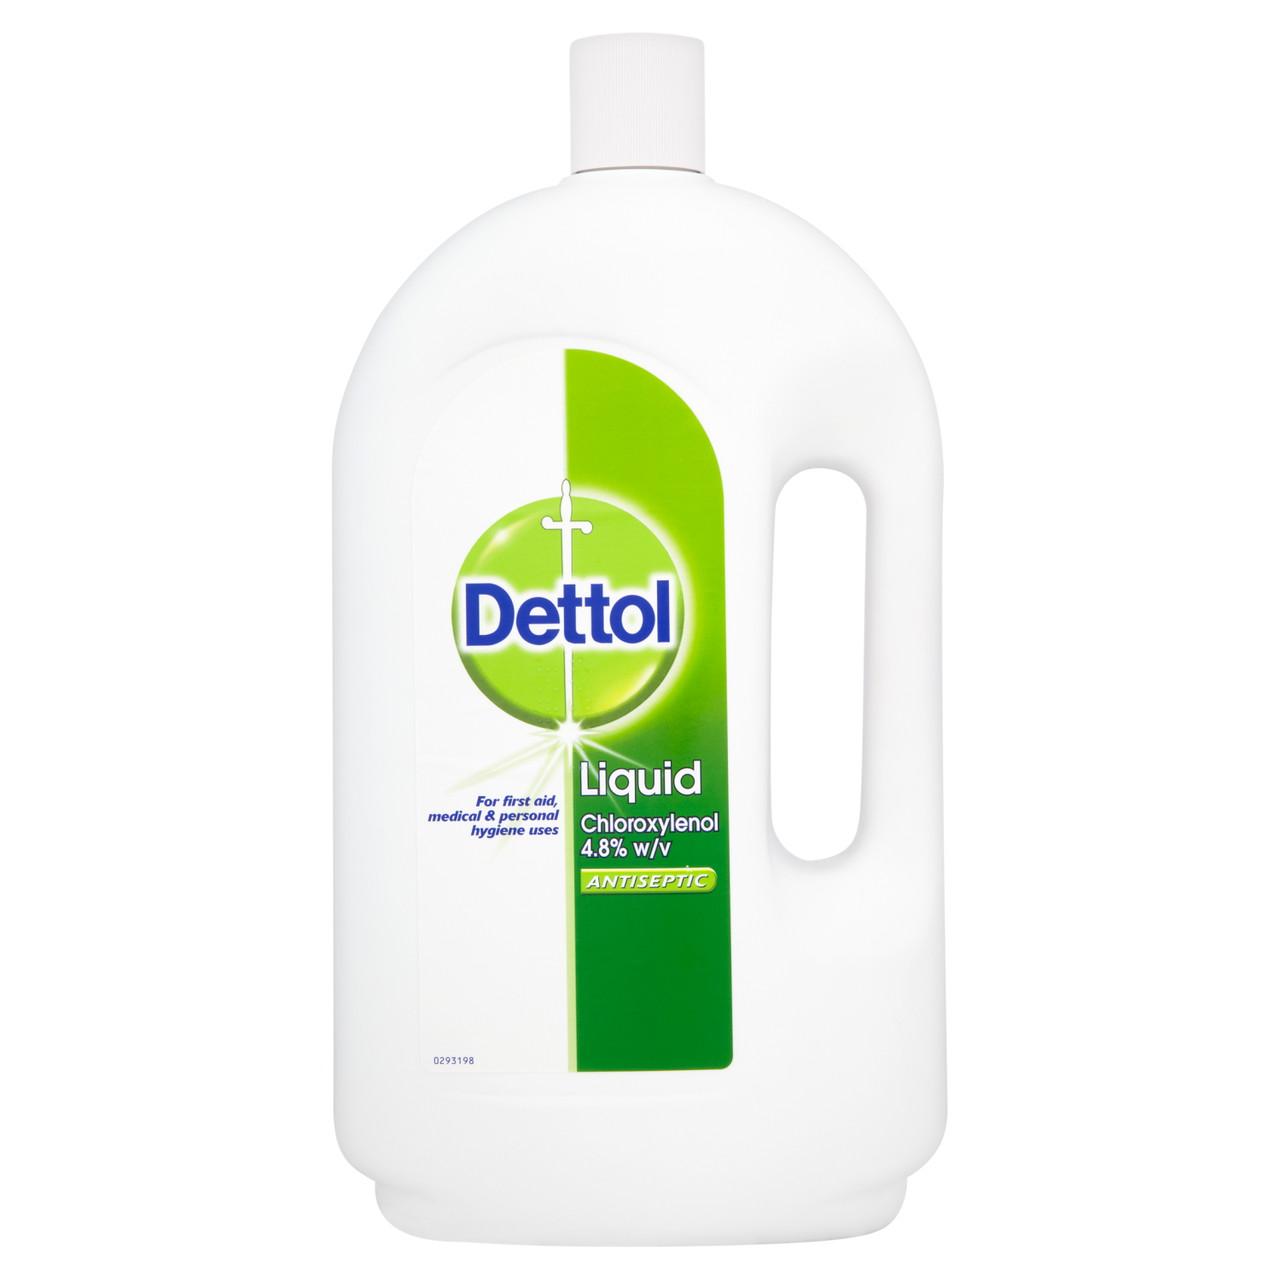 Dettol-Liquid-Antiseptic-4litre